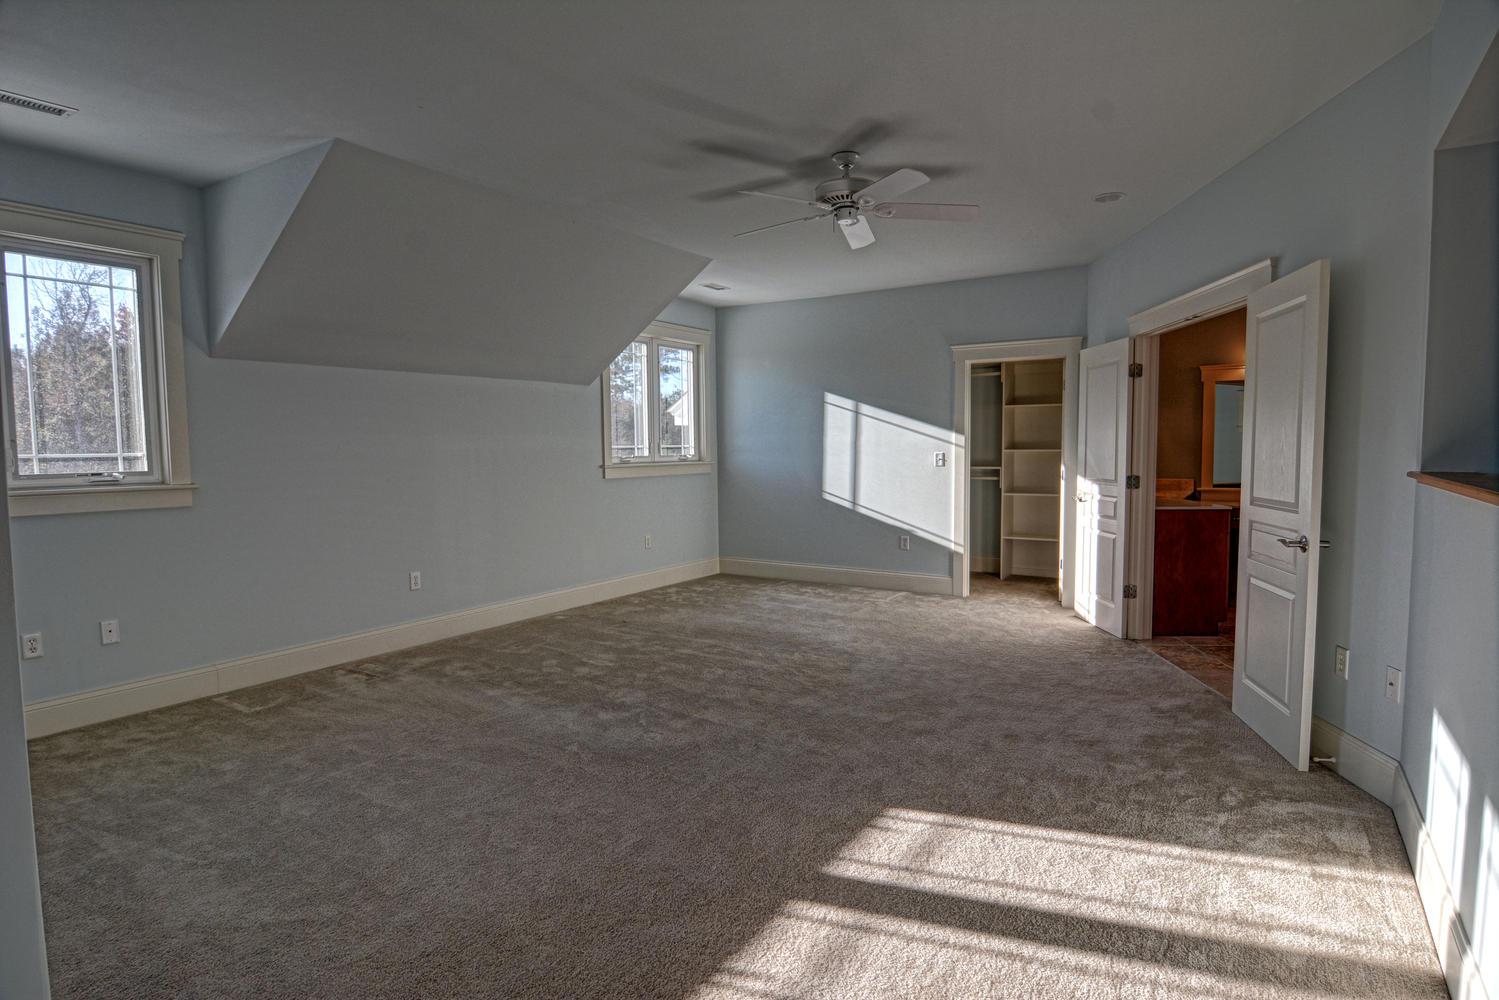 110 Saltwater Landing Dr-large-014-Master bedroom-1499x1000-72dpi.jpg